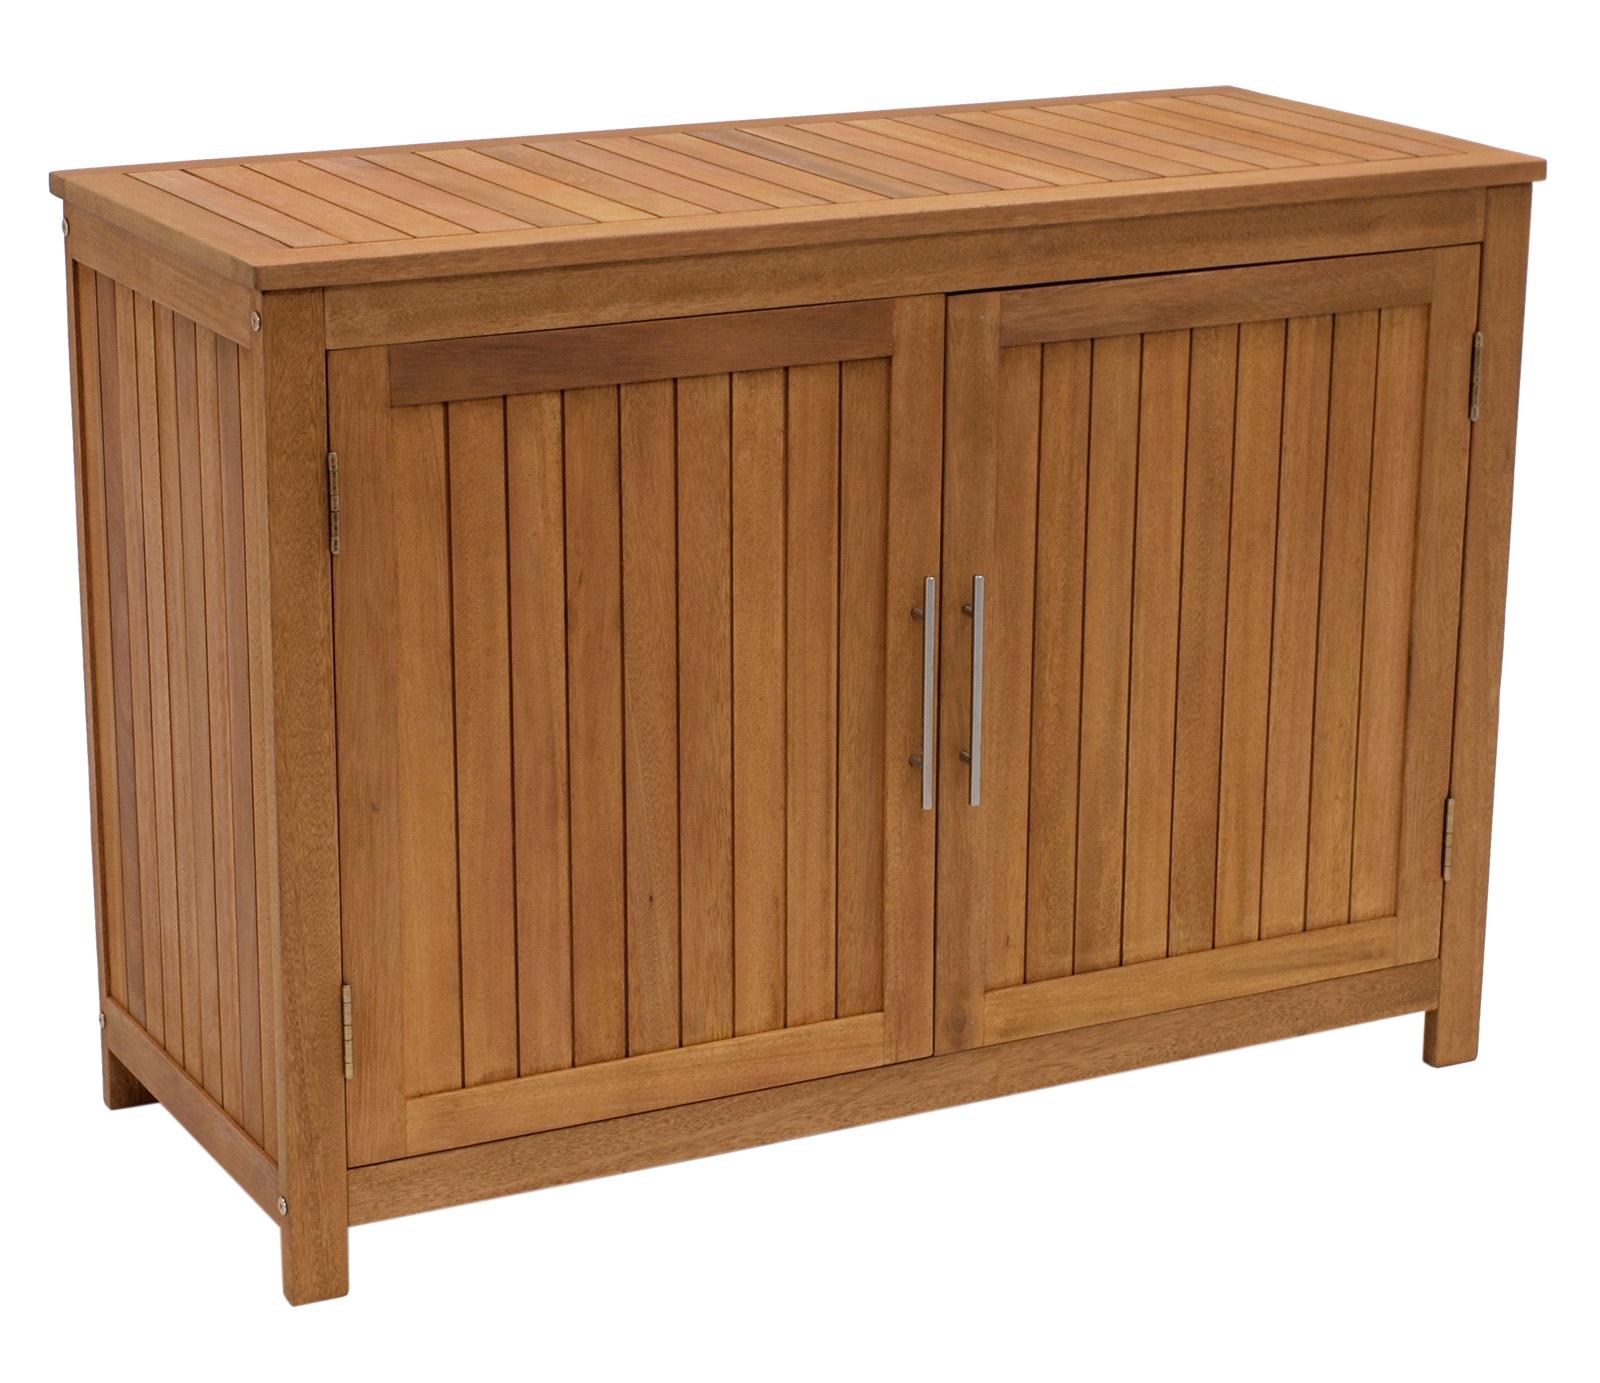 Konsolenschrank CABINET 120x50x85cm, Eukalyptus geölt, FSC®